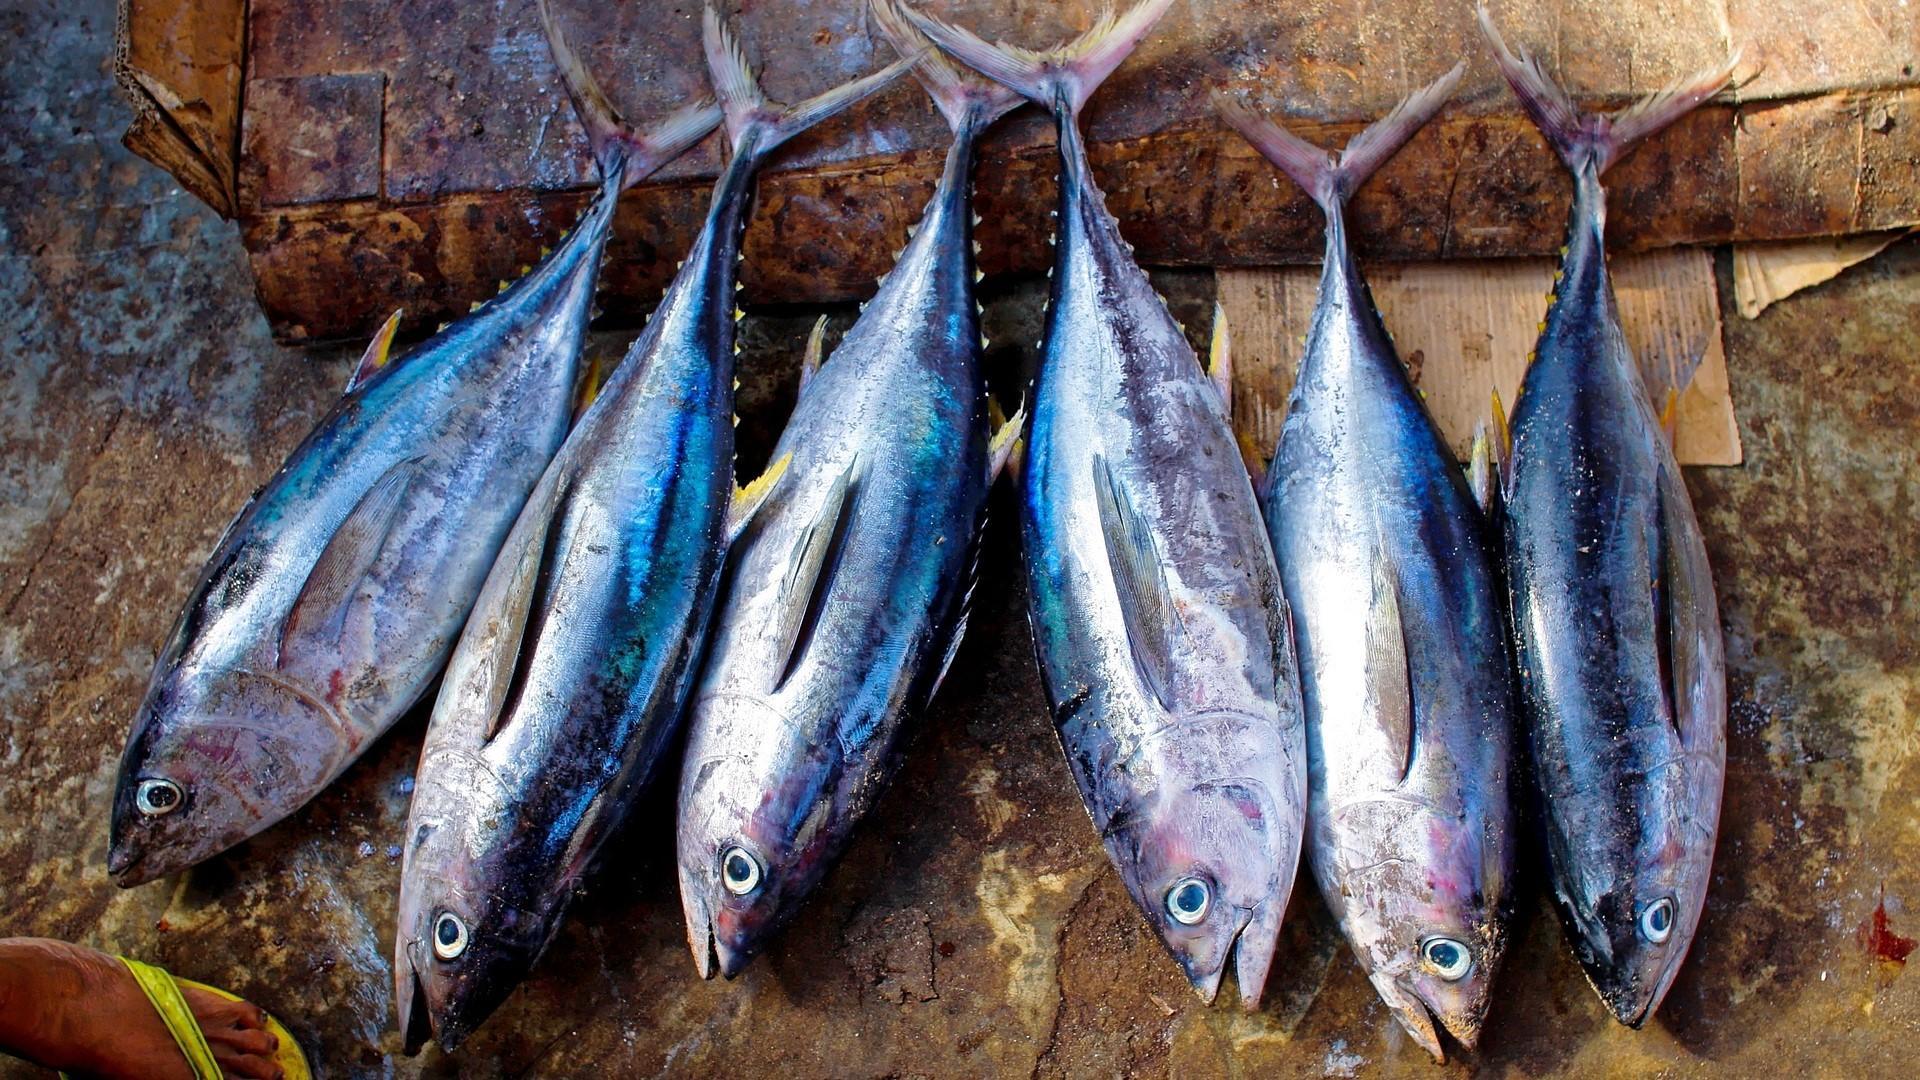 Thunfisch roh essen - das müssen Sie wissen